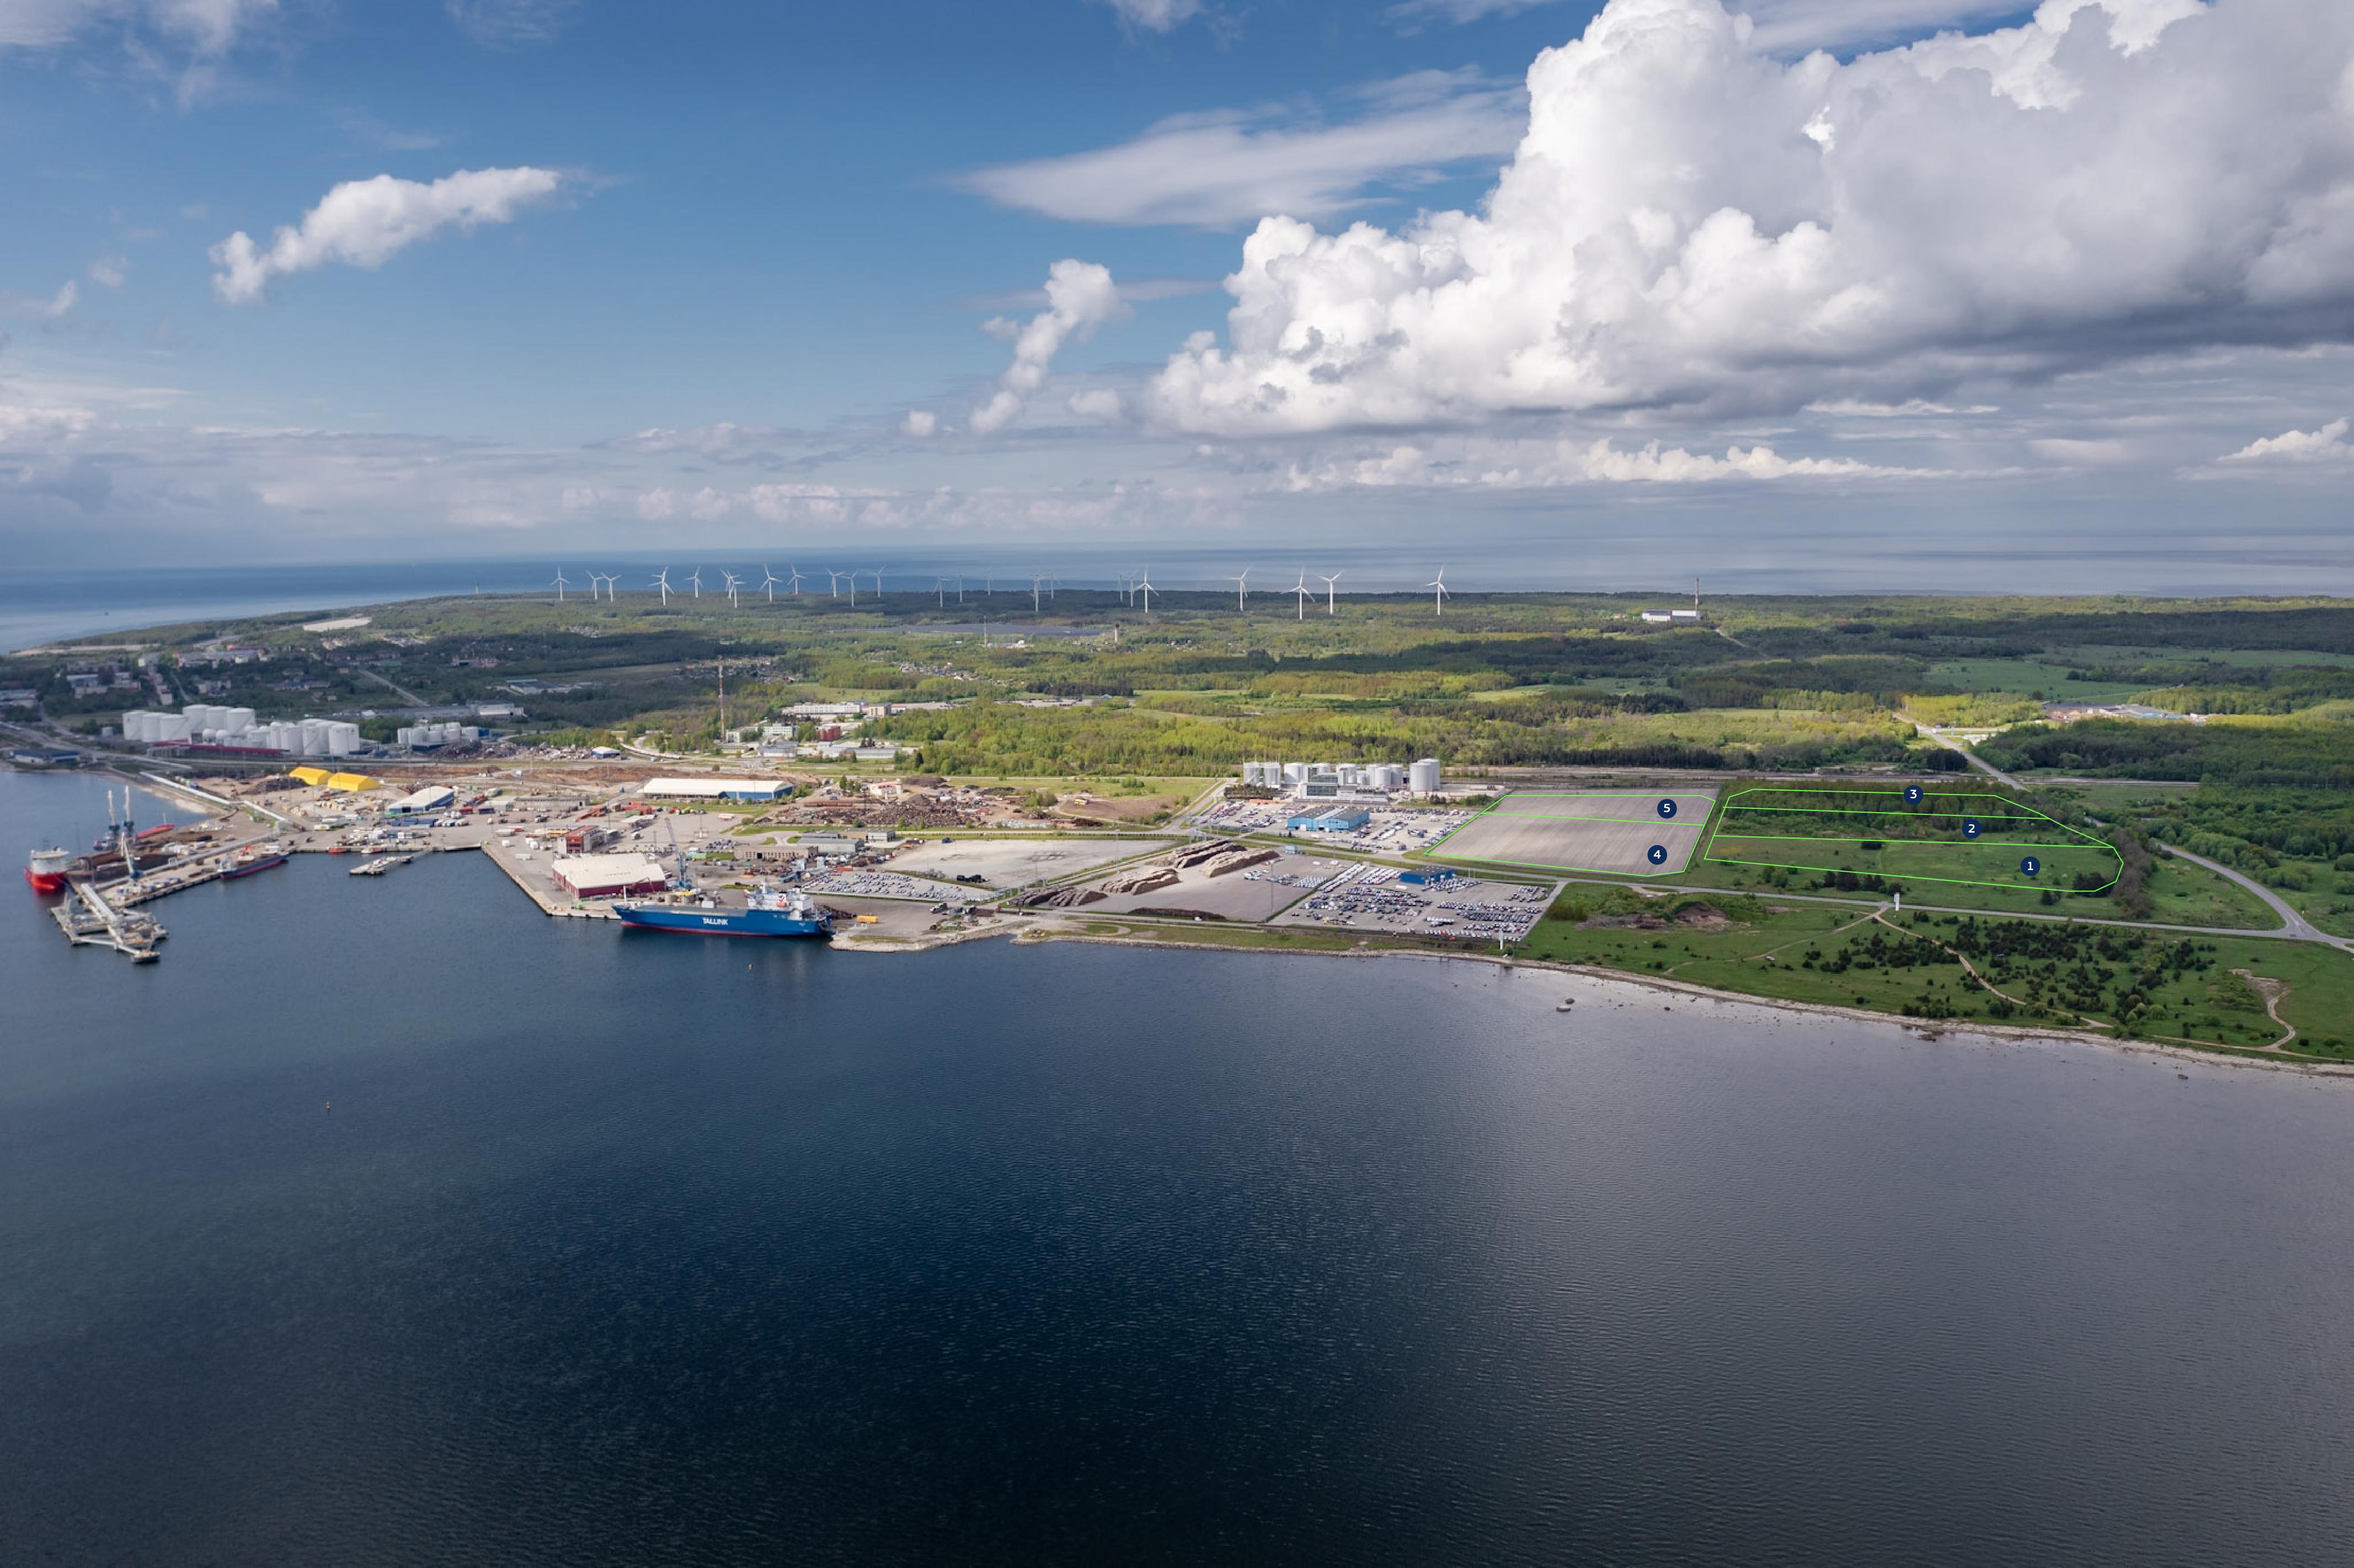 Paldiski South Harbour industrial park